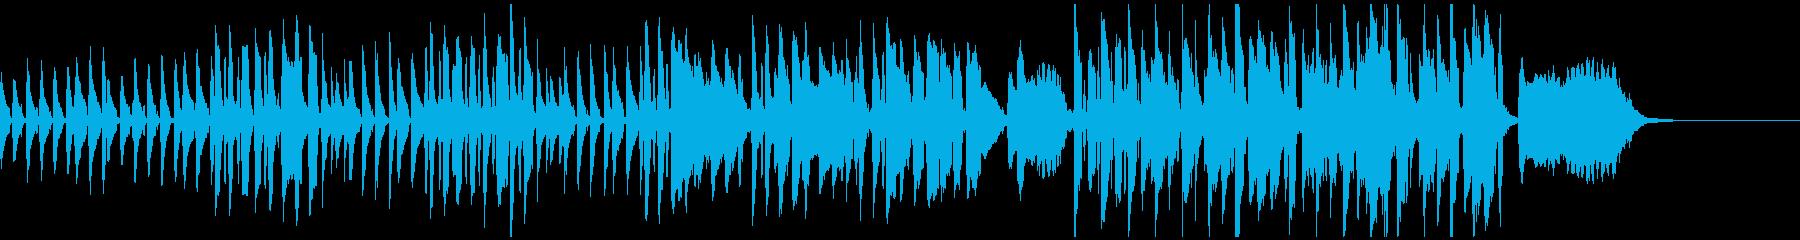 ウクレレとフルート、ほのぼのかわいい童謡の再生済みの波形